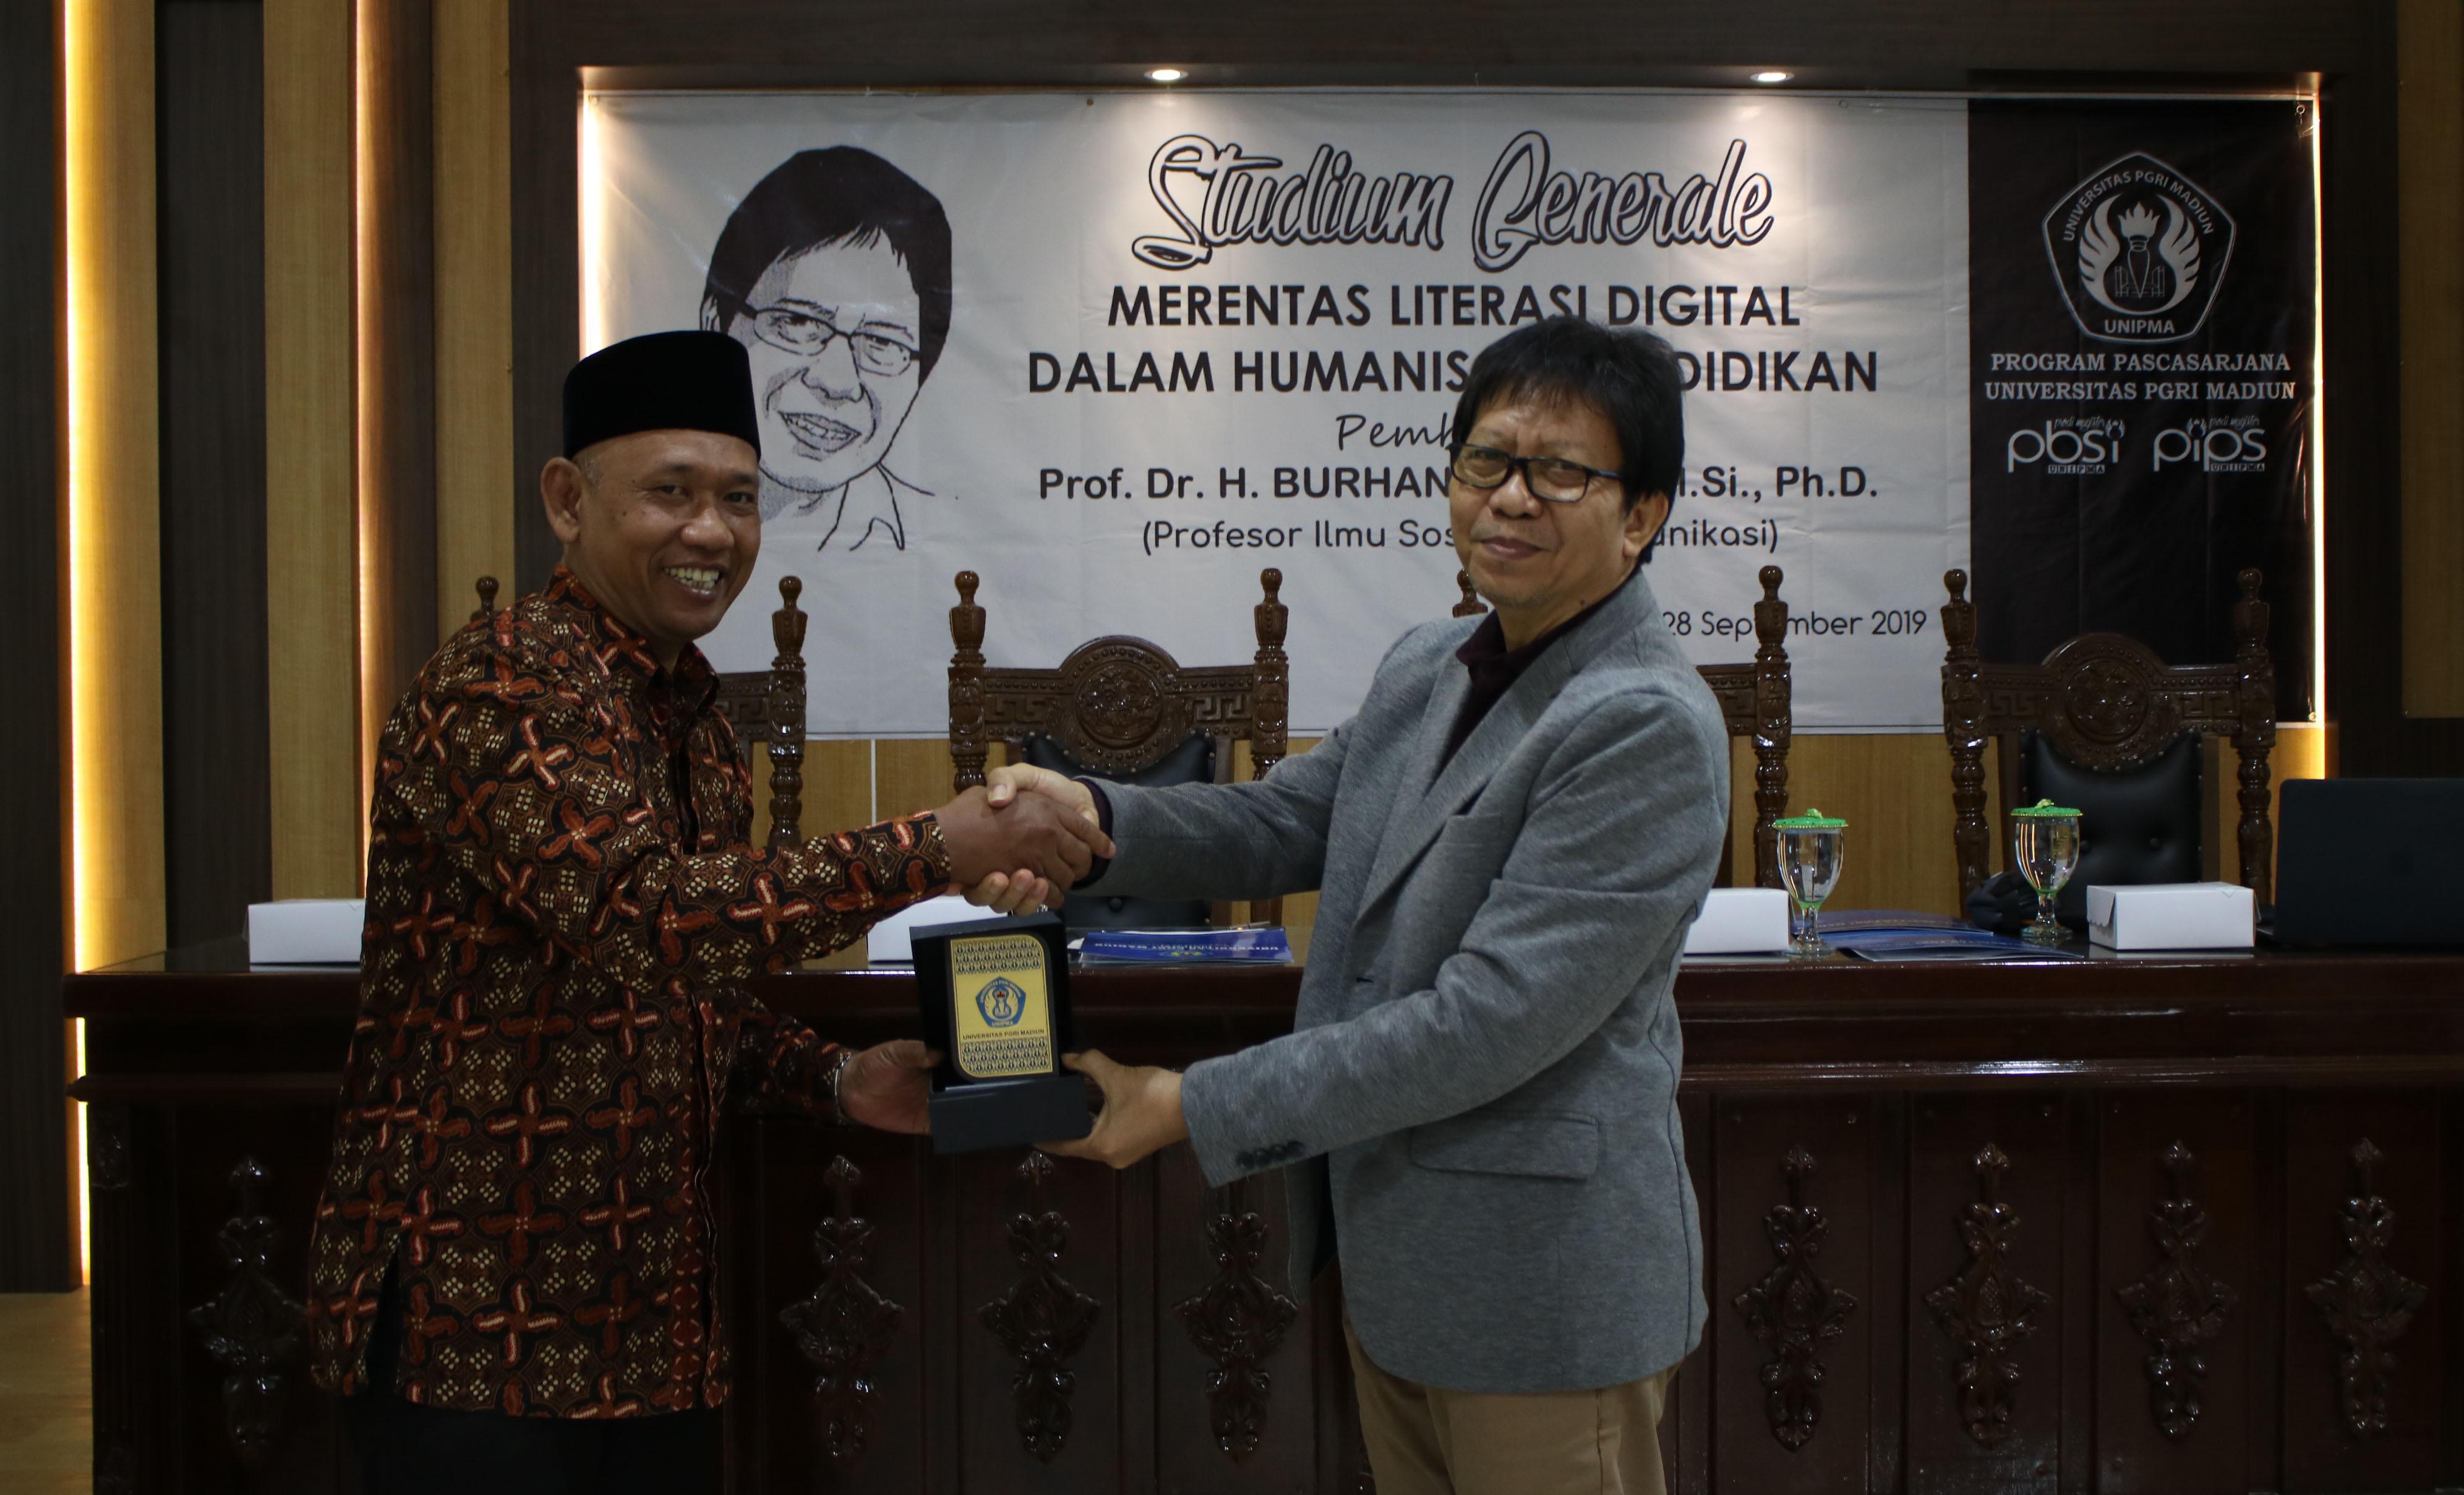 Studium Generale 28 September 2019 dengan Pemateri Prof Dr. H. Burhan Bungin, M.Si., Ph.d.